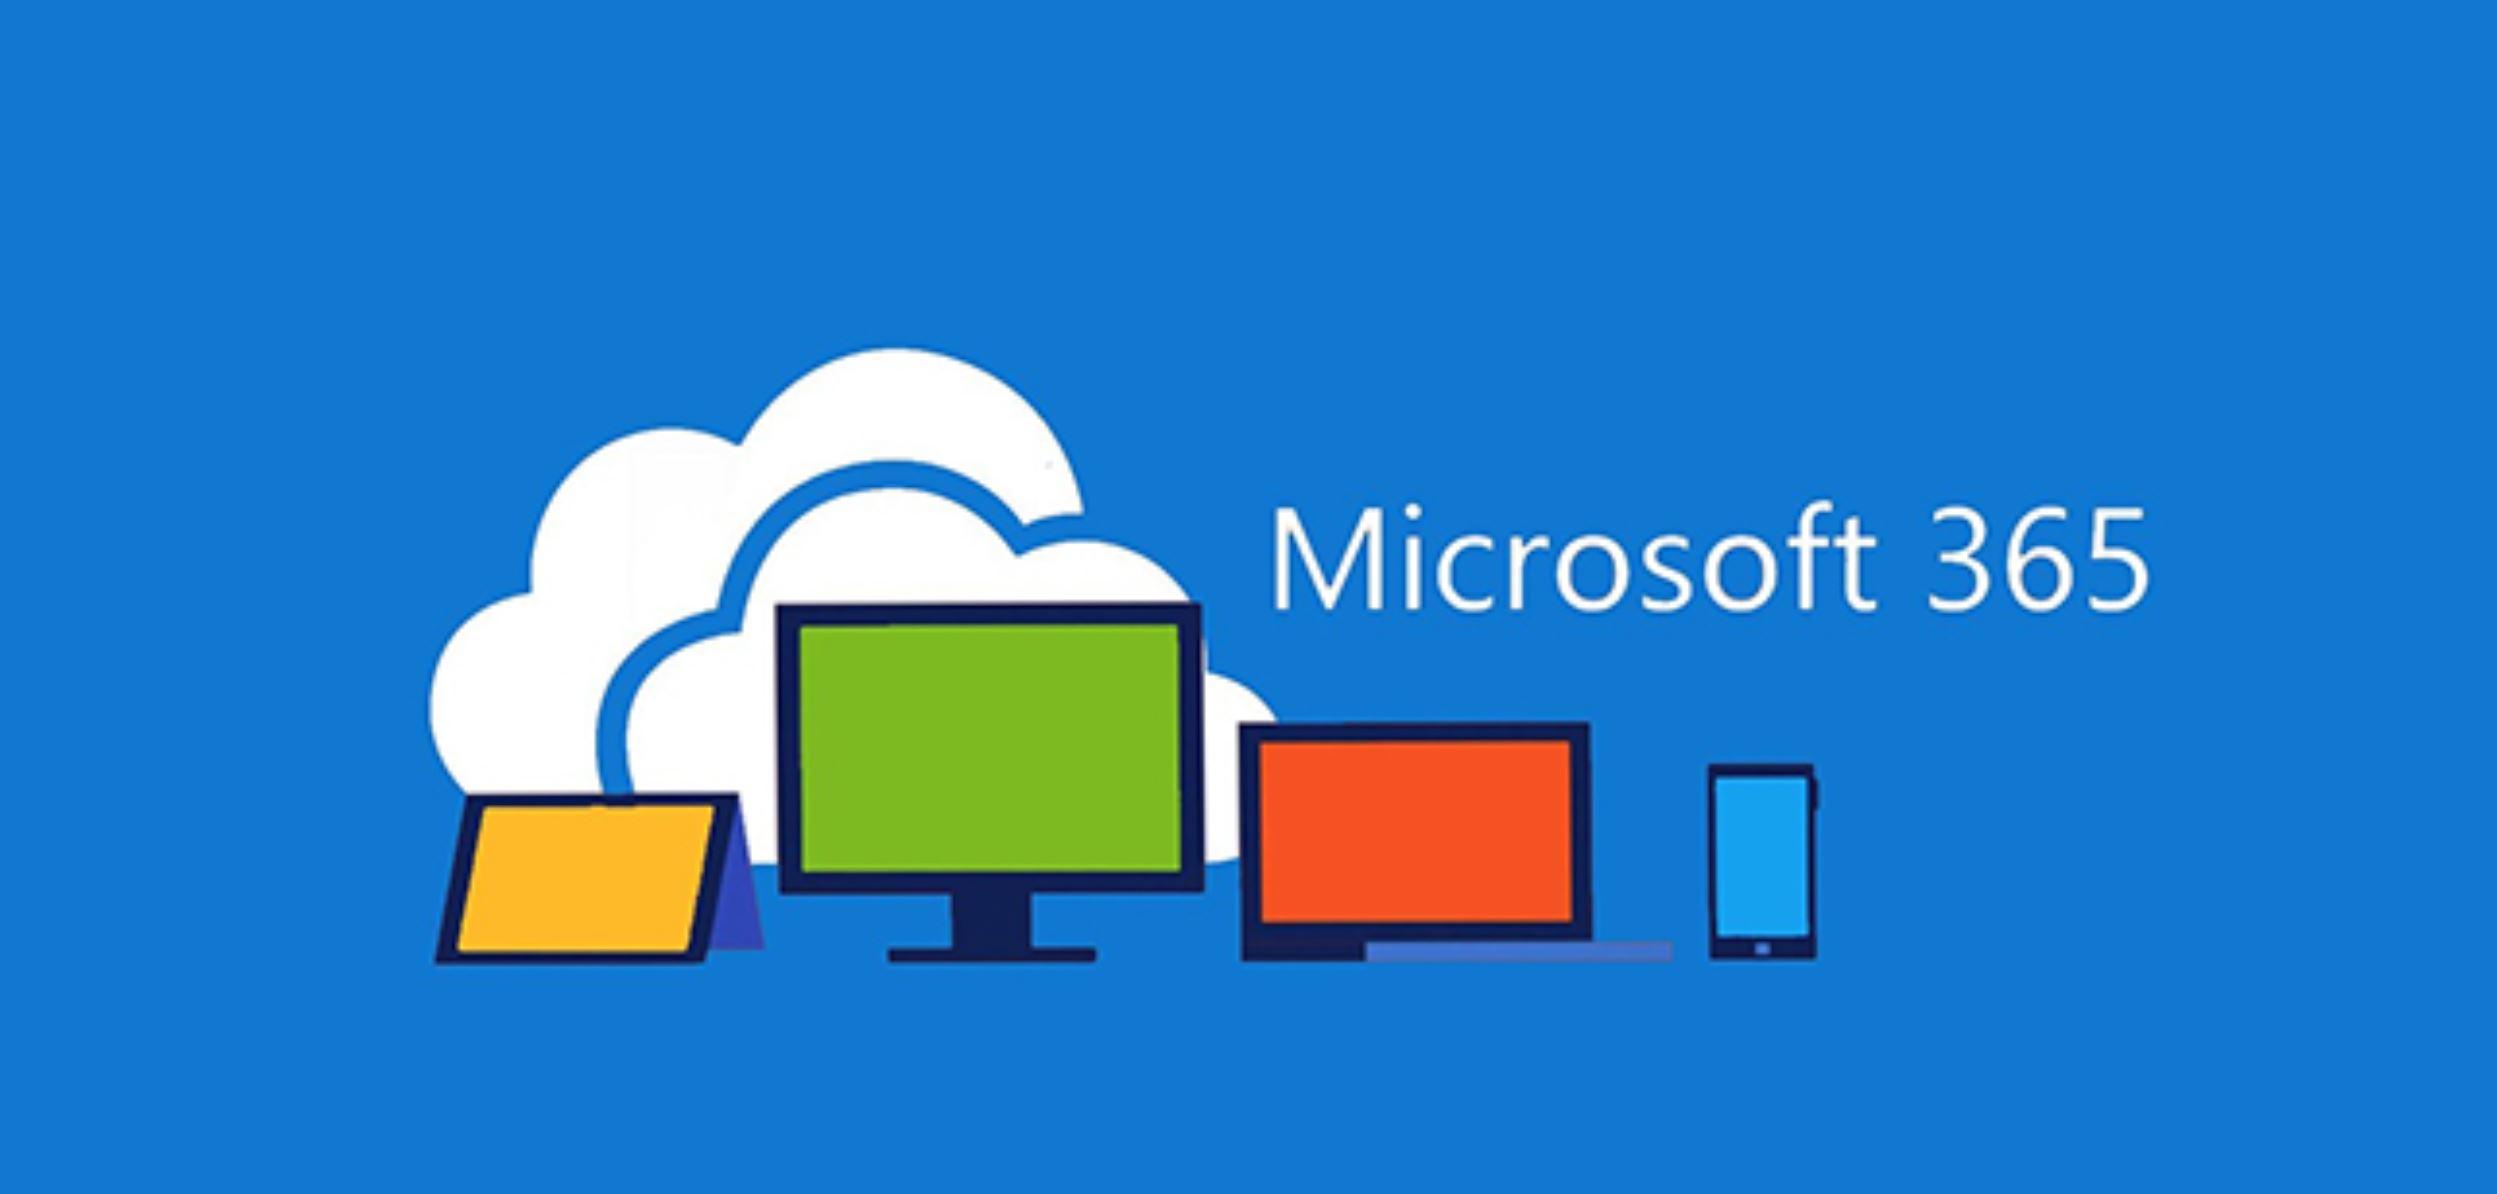 Microsoft: Man wird trotz Teams weiter in Skype investieren